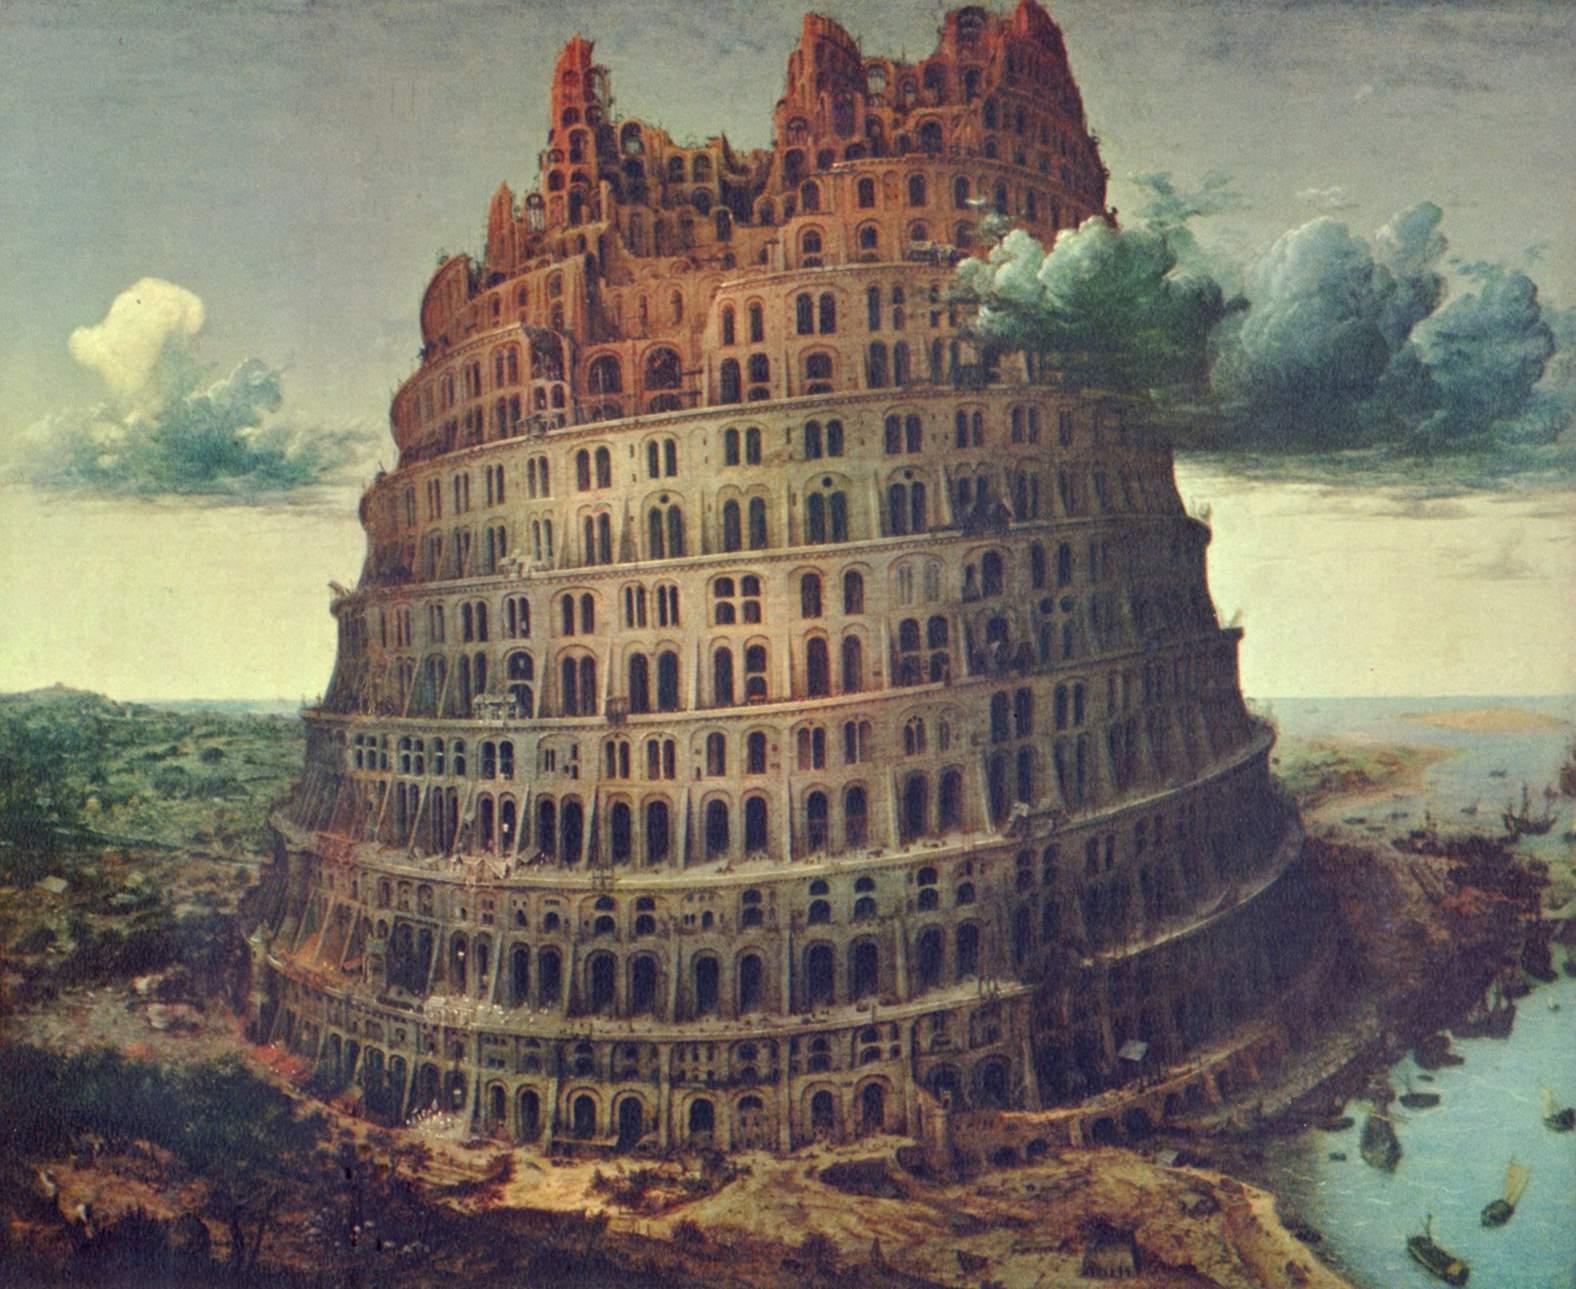 Turnul Babel, pictura de Pieter Bruegel